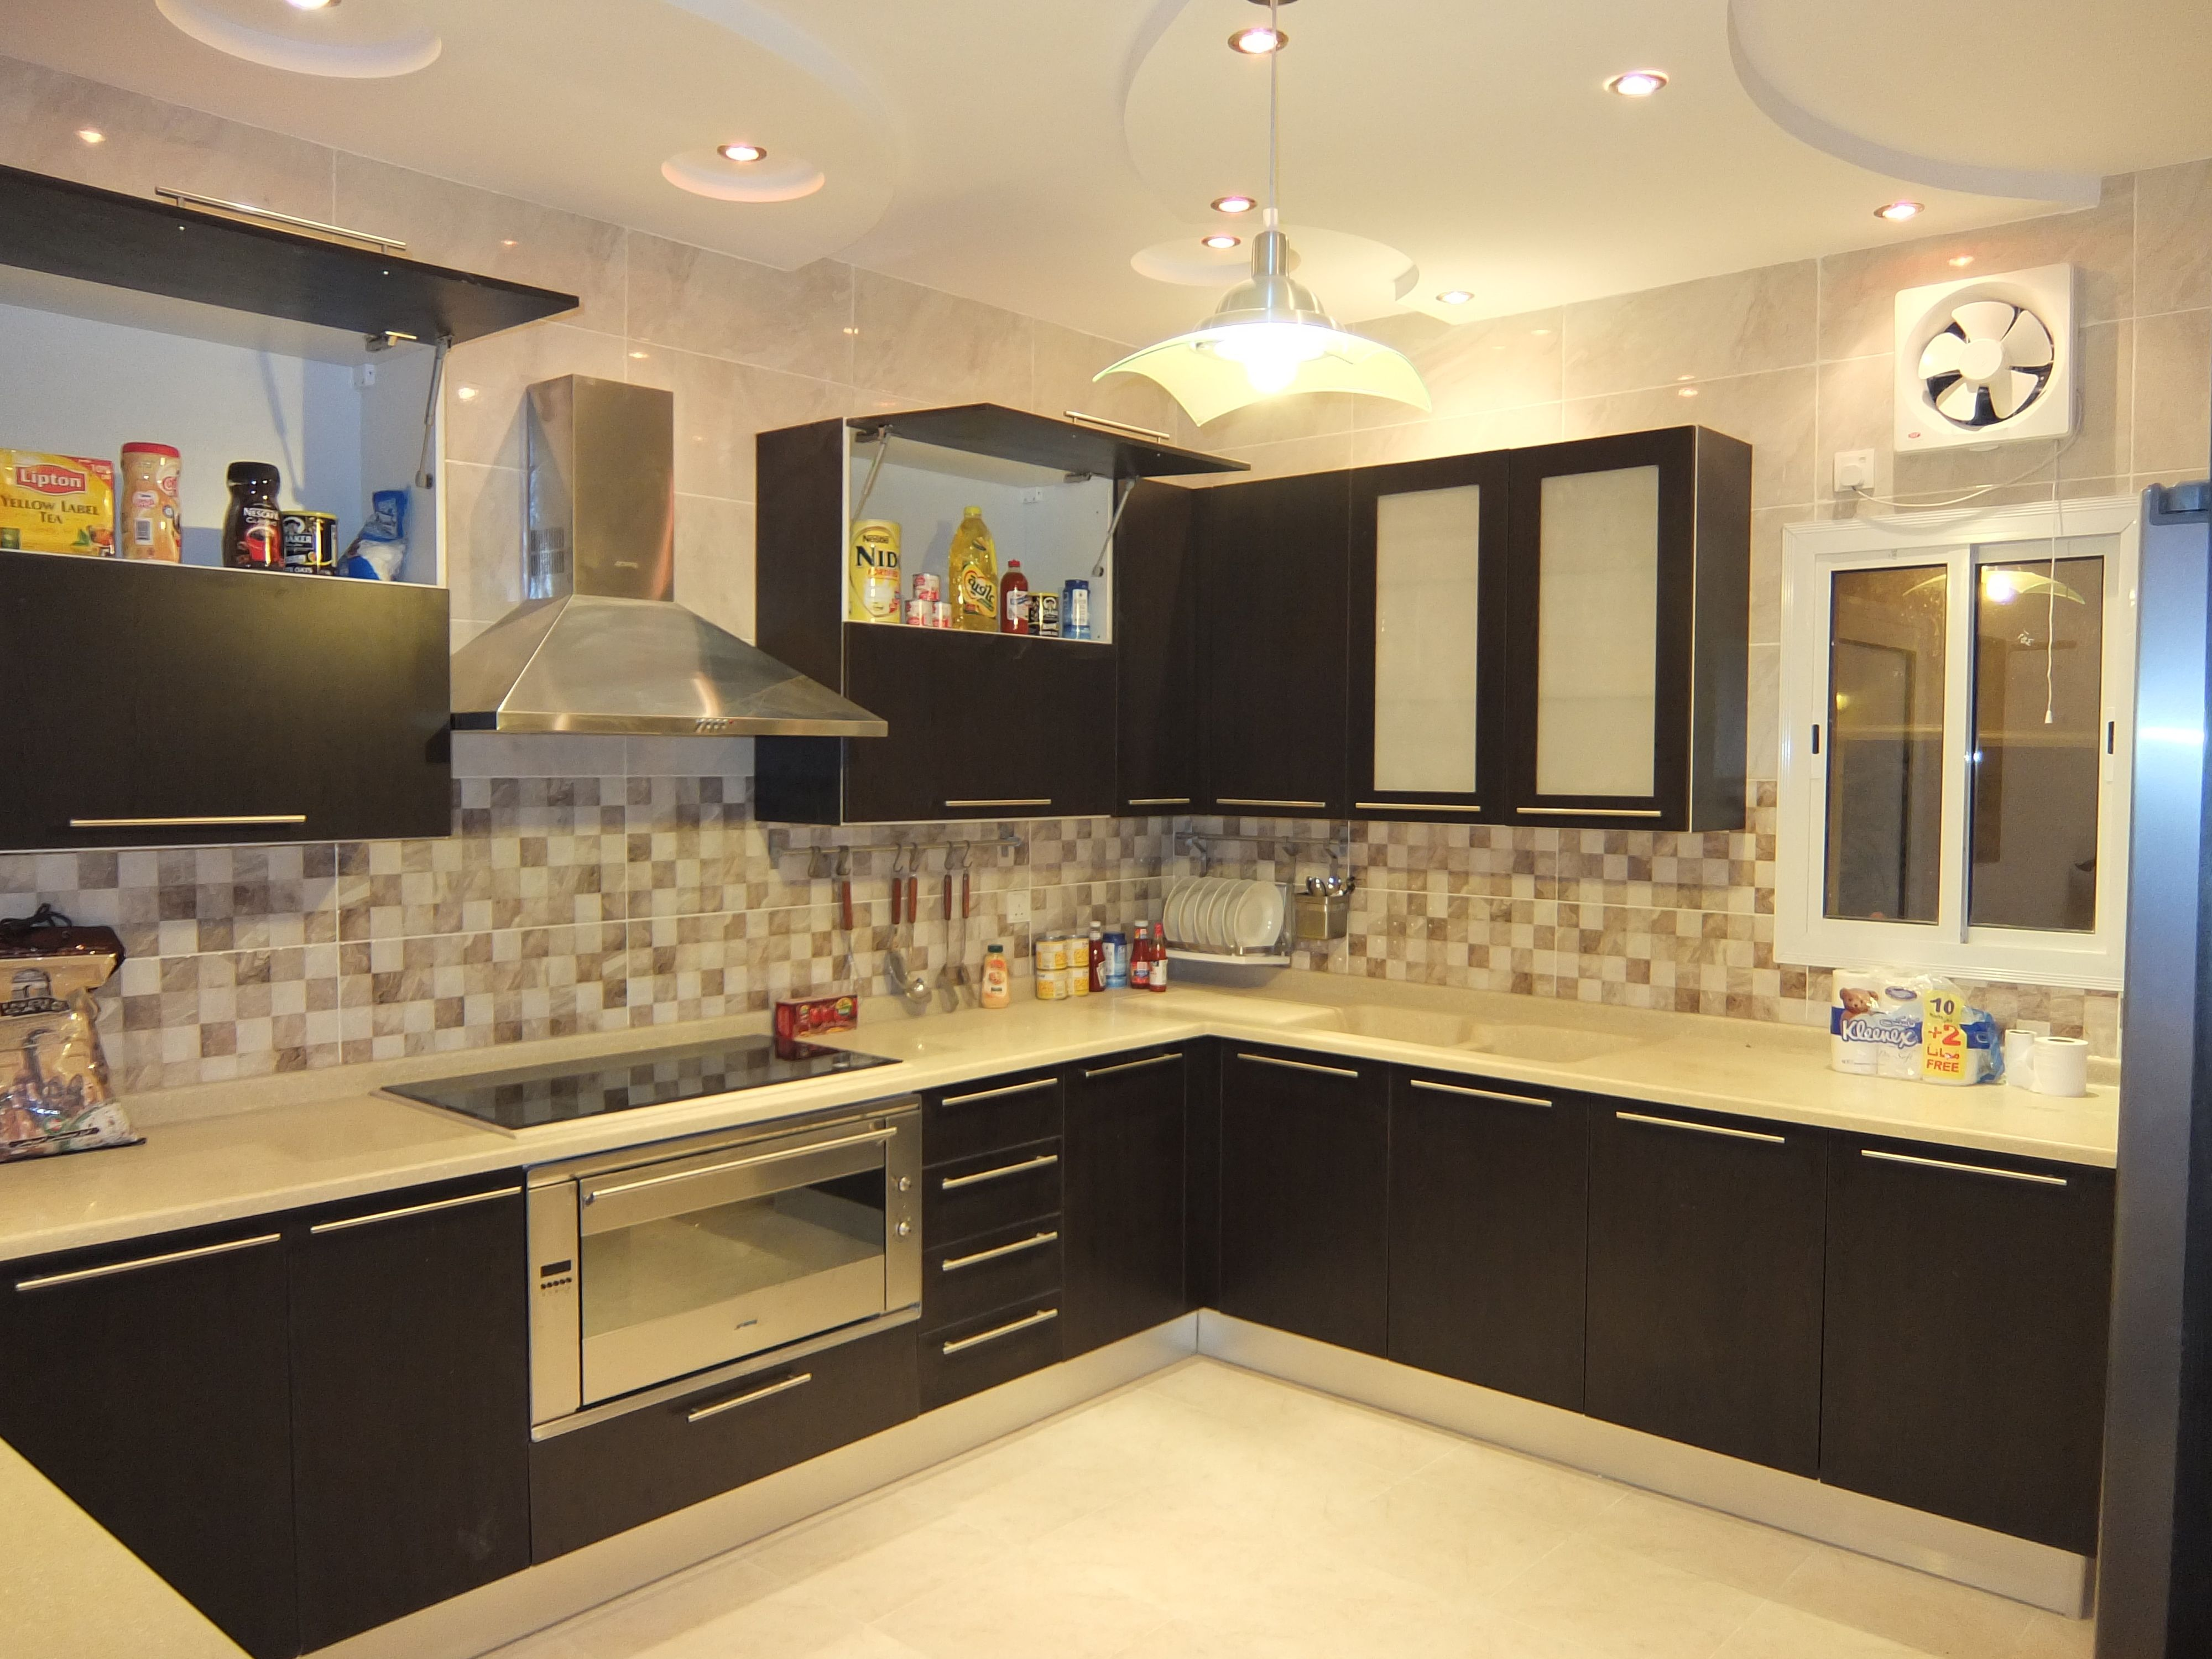 فلل ديار المنار ( 7 ) - كنوز المتميزة | Kitchen cabinets ...